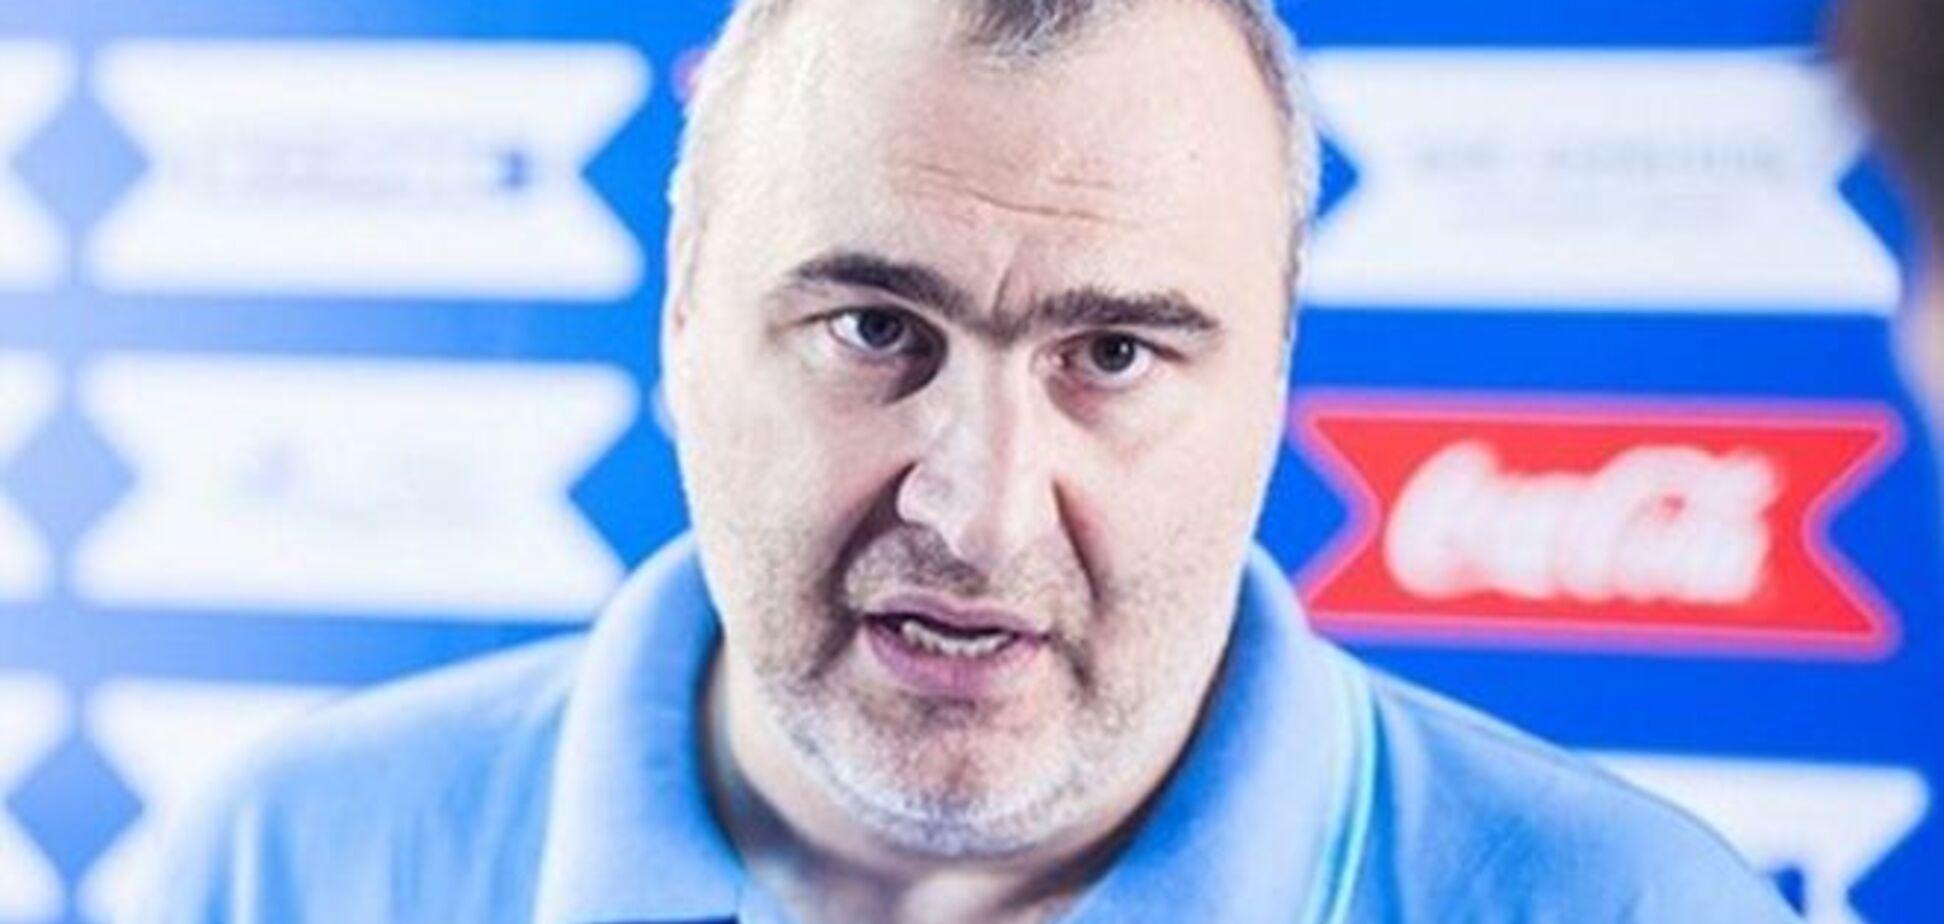 Збірна України повинна потрапити в топ-8 Євробаскету - тренер